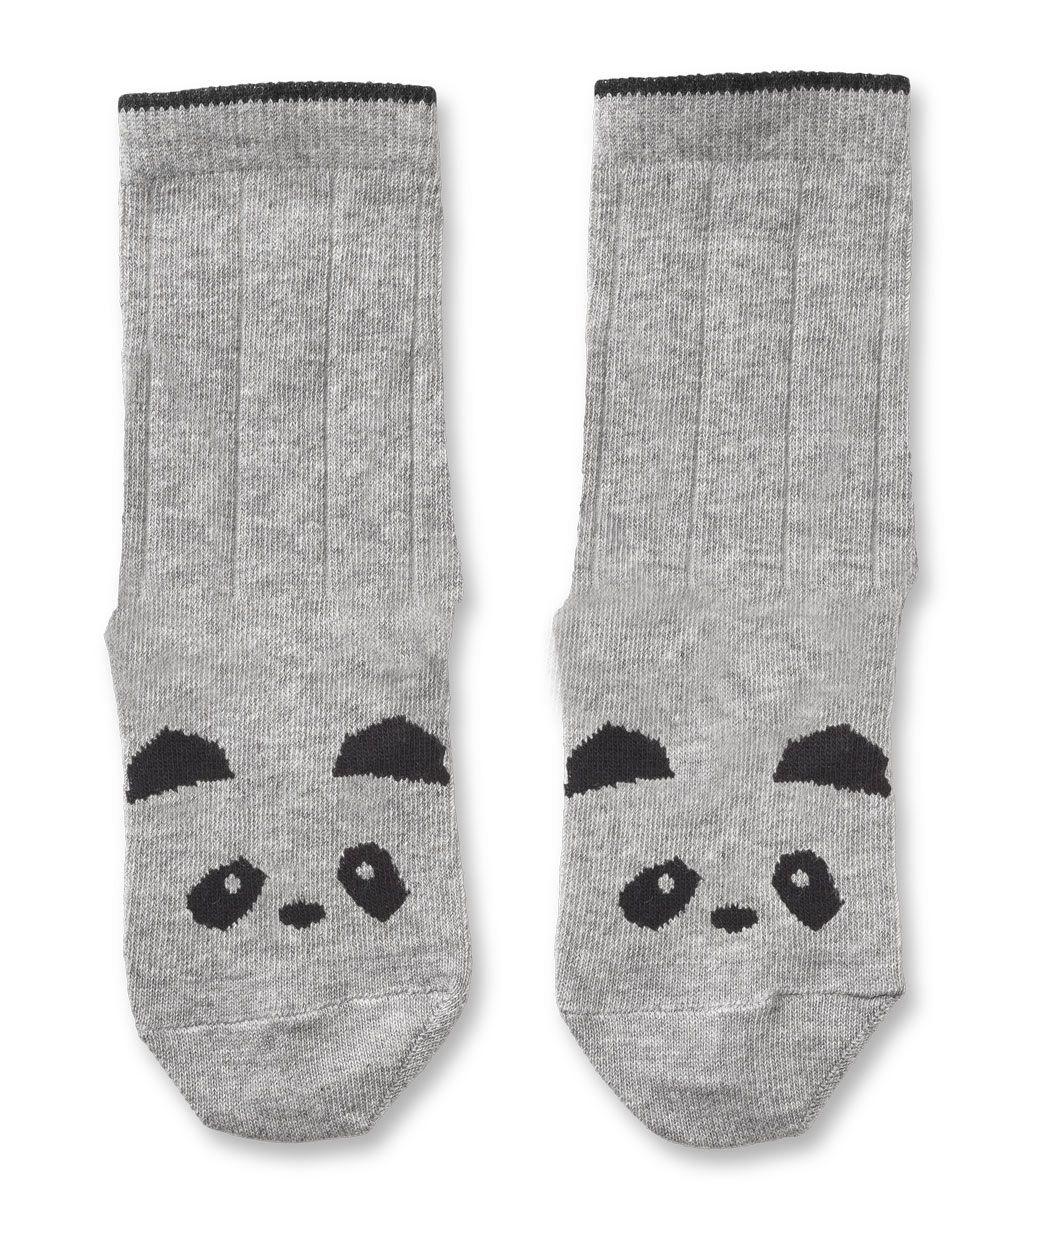 Image of   Strømper fra Liewood - Panda - Grey melange